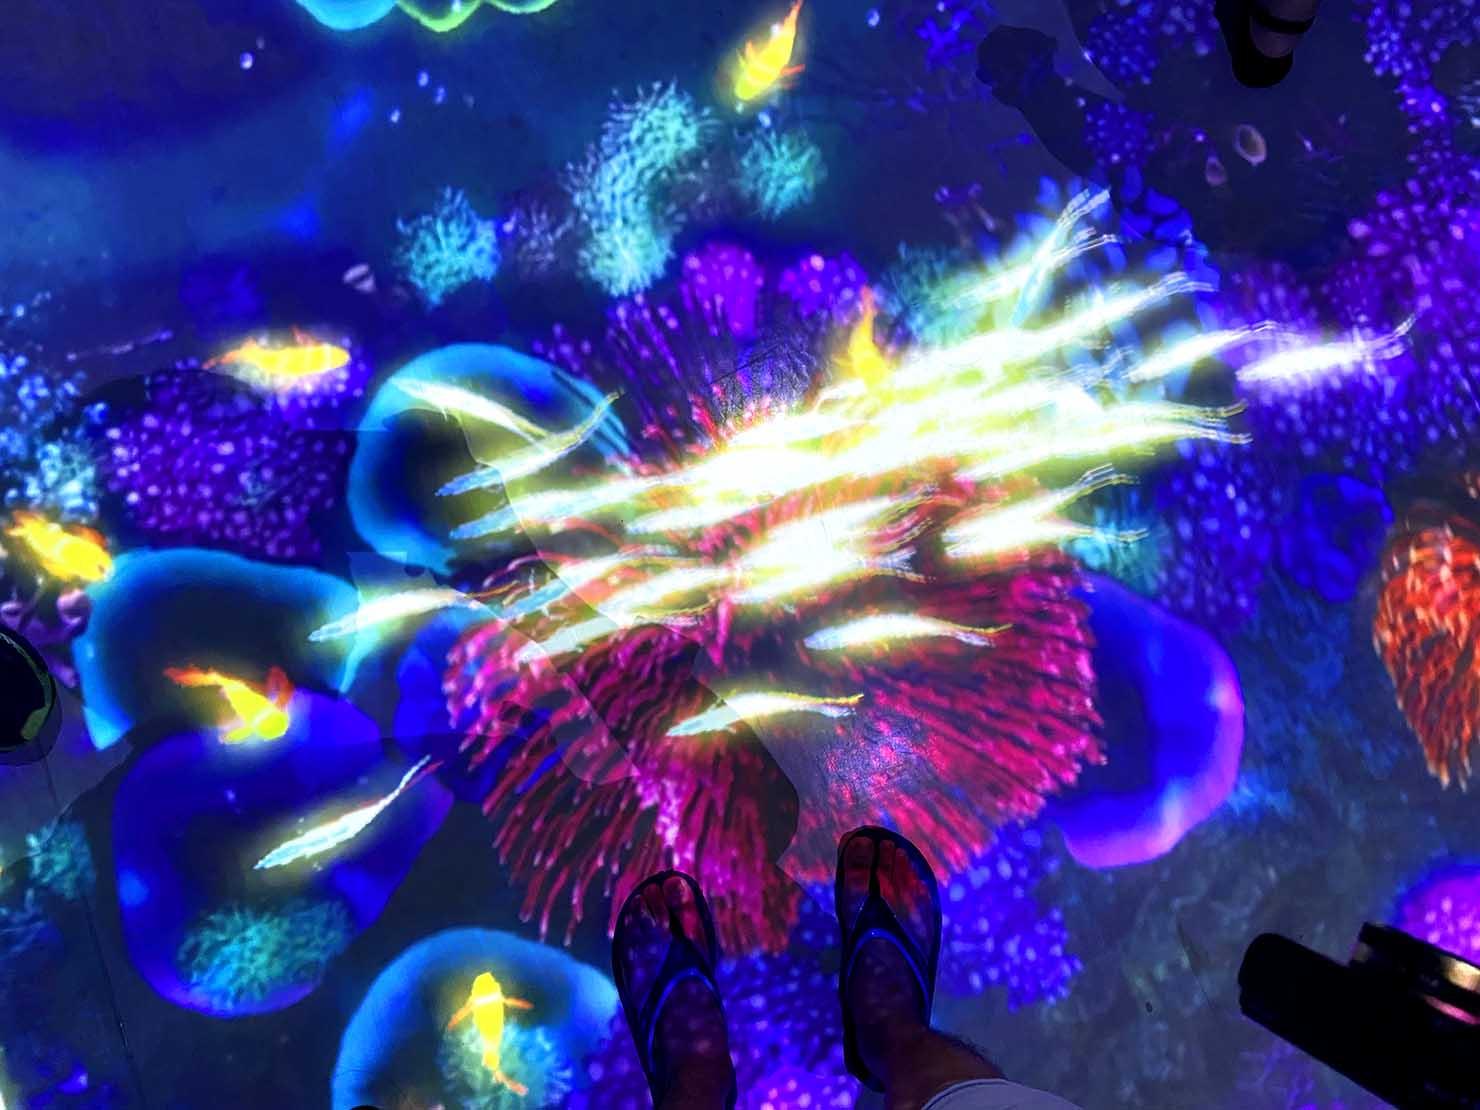 台北に誕生した都市型水族館「Xpark」内エリア「珊瑚潛行」の足もと